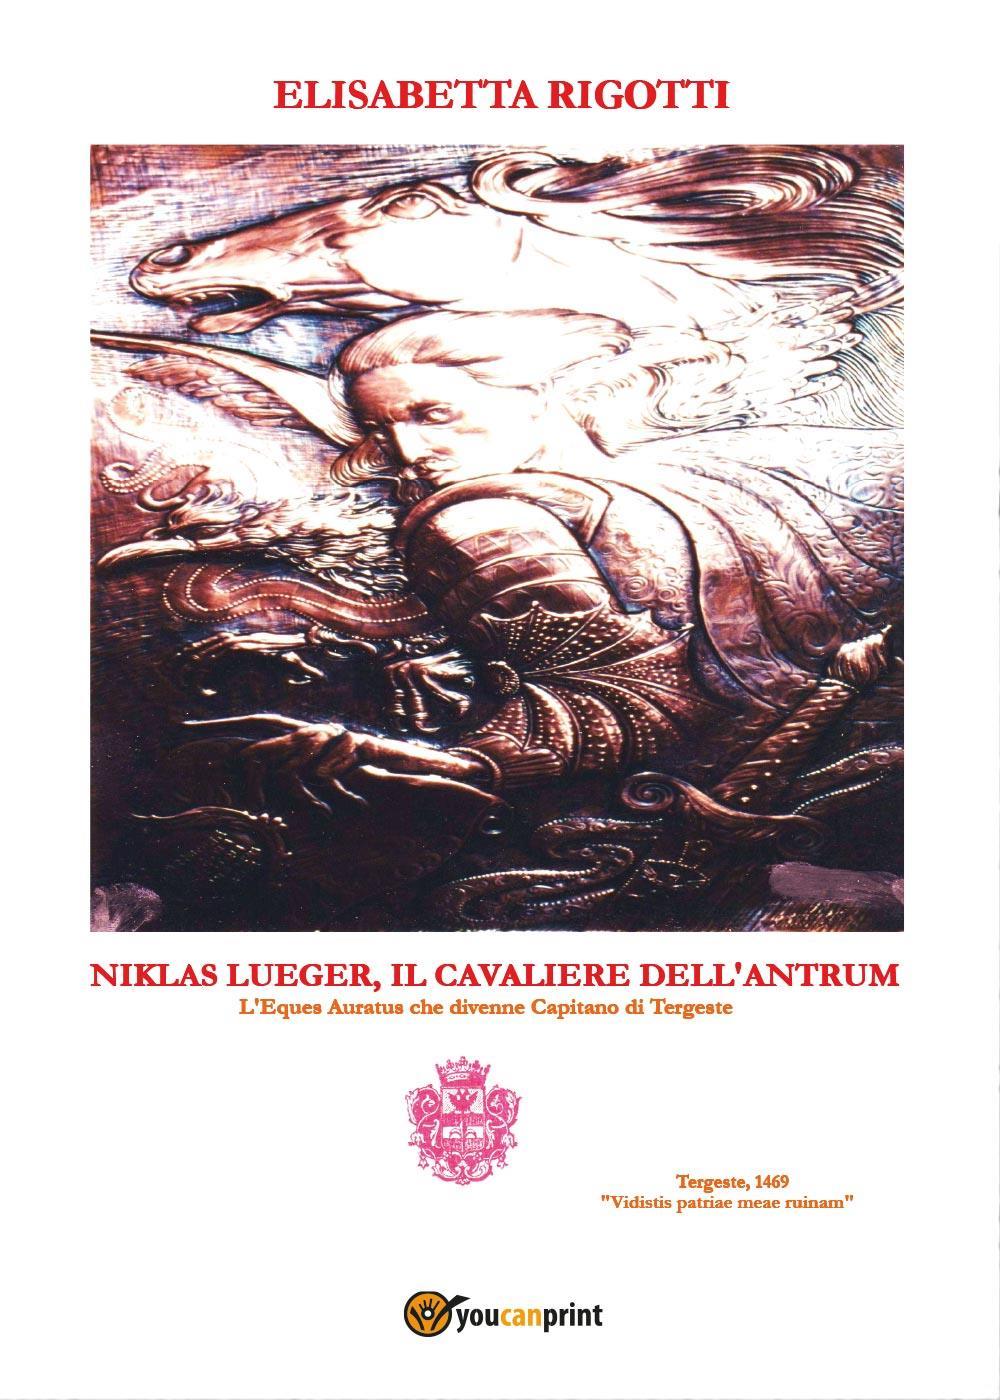 Niklas Lueger, Il cavaliere dell'Antrum - L'Eques auratus che divenne Capitano di Tergeste